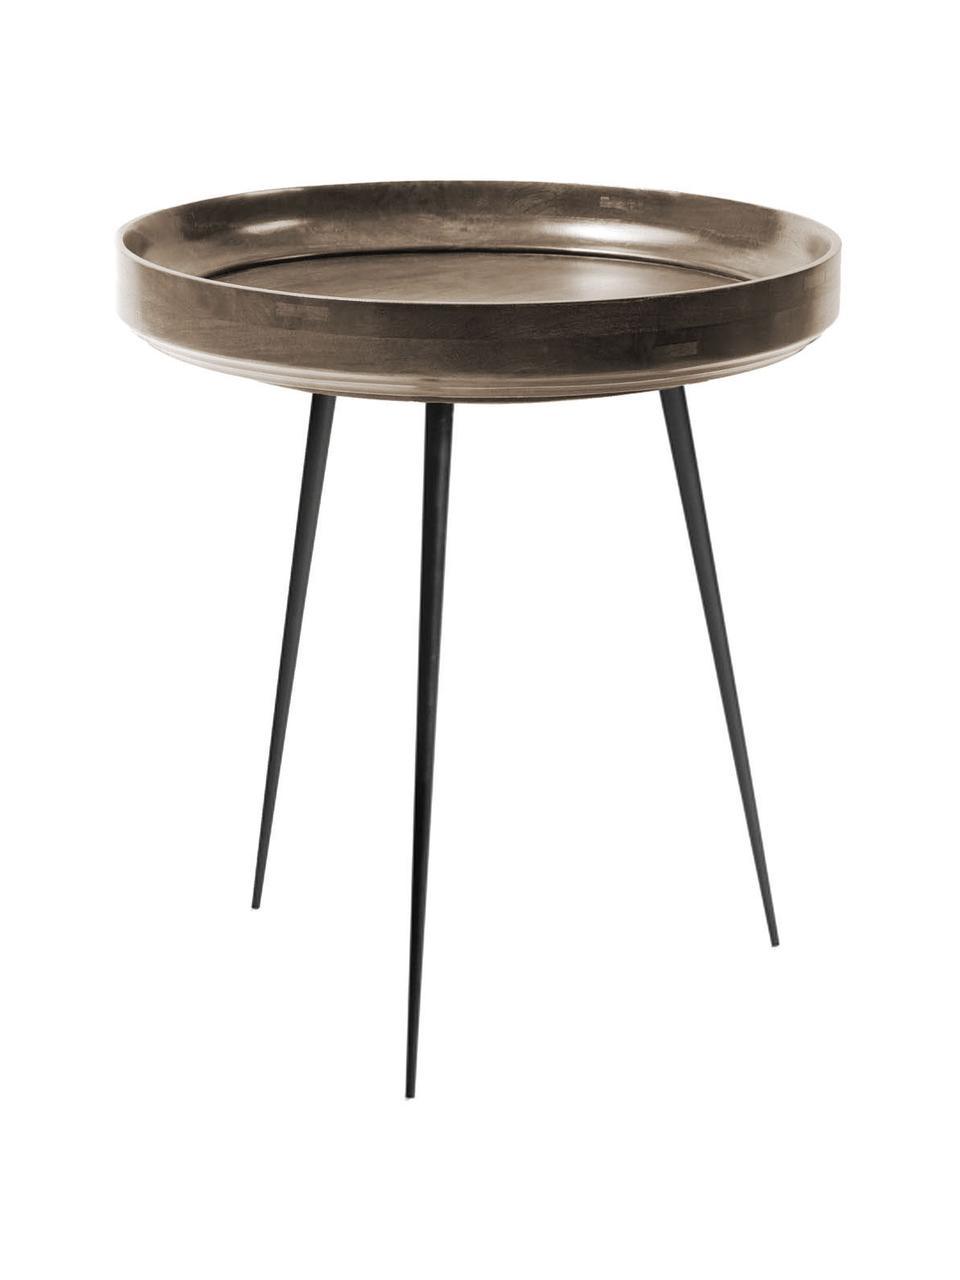 Stolik pomocniczy z drewna mangowego Bowl Table, Blat: drewno mangowe barwione i, Nogi: stal malowana proszkowo, Ciemnyszary, czarny, Ø 46 x W 52 cm